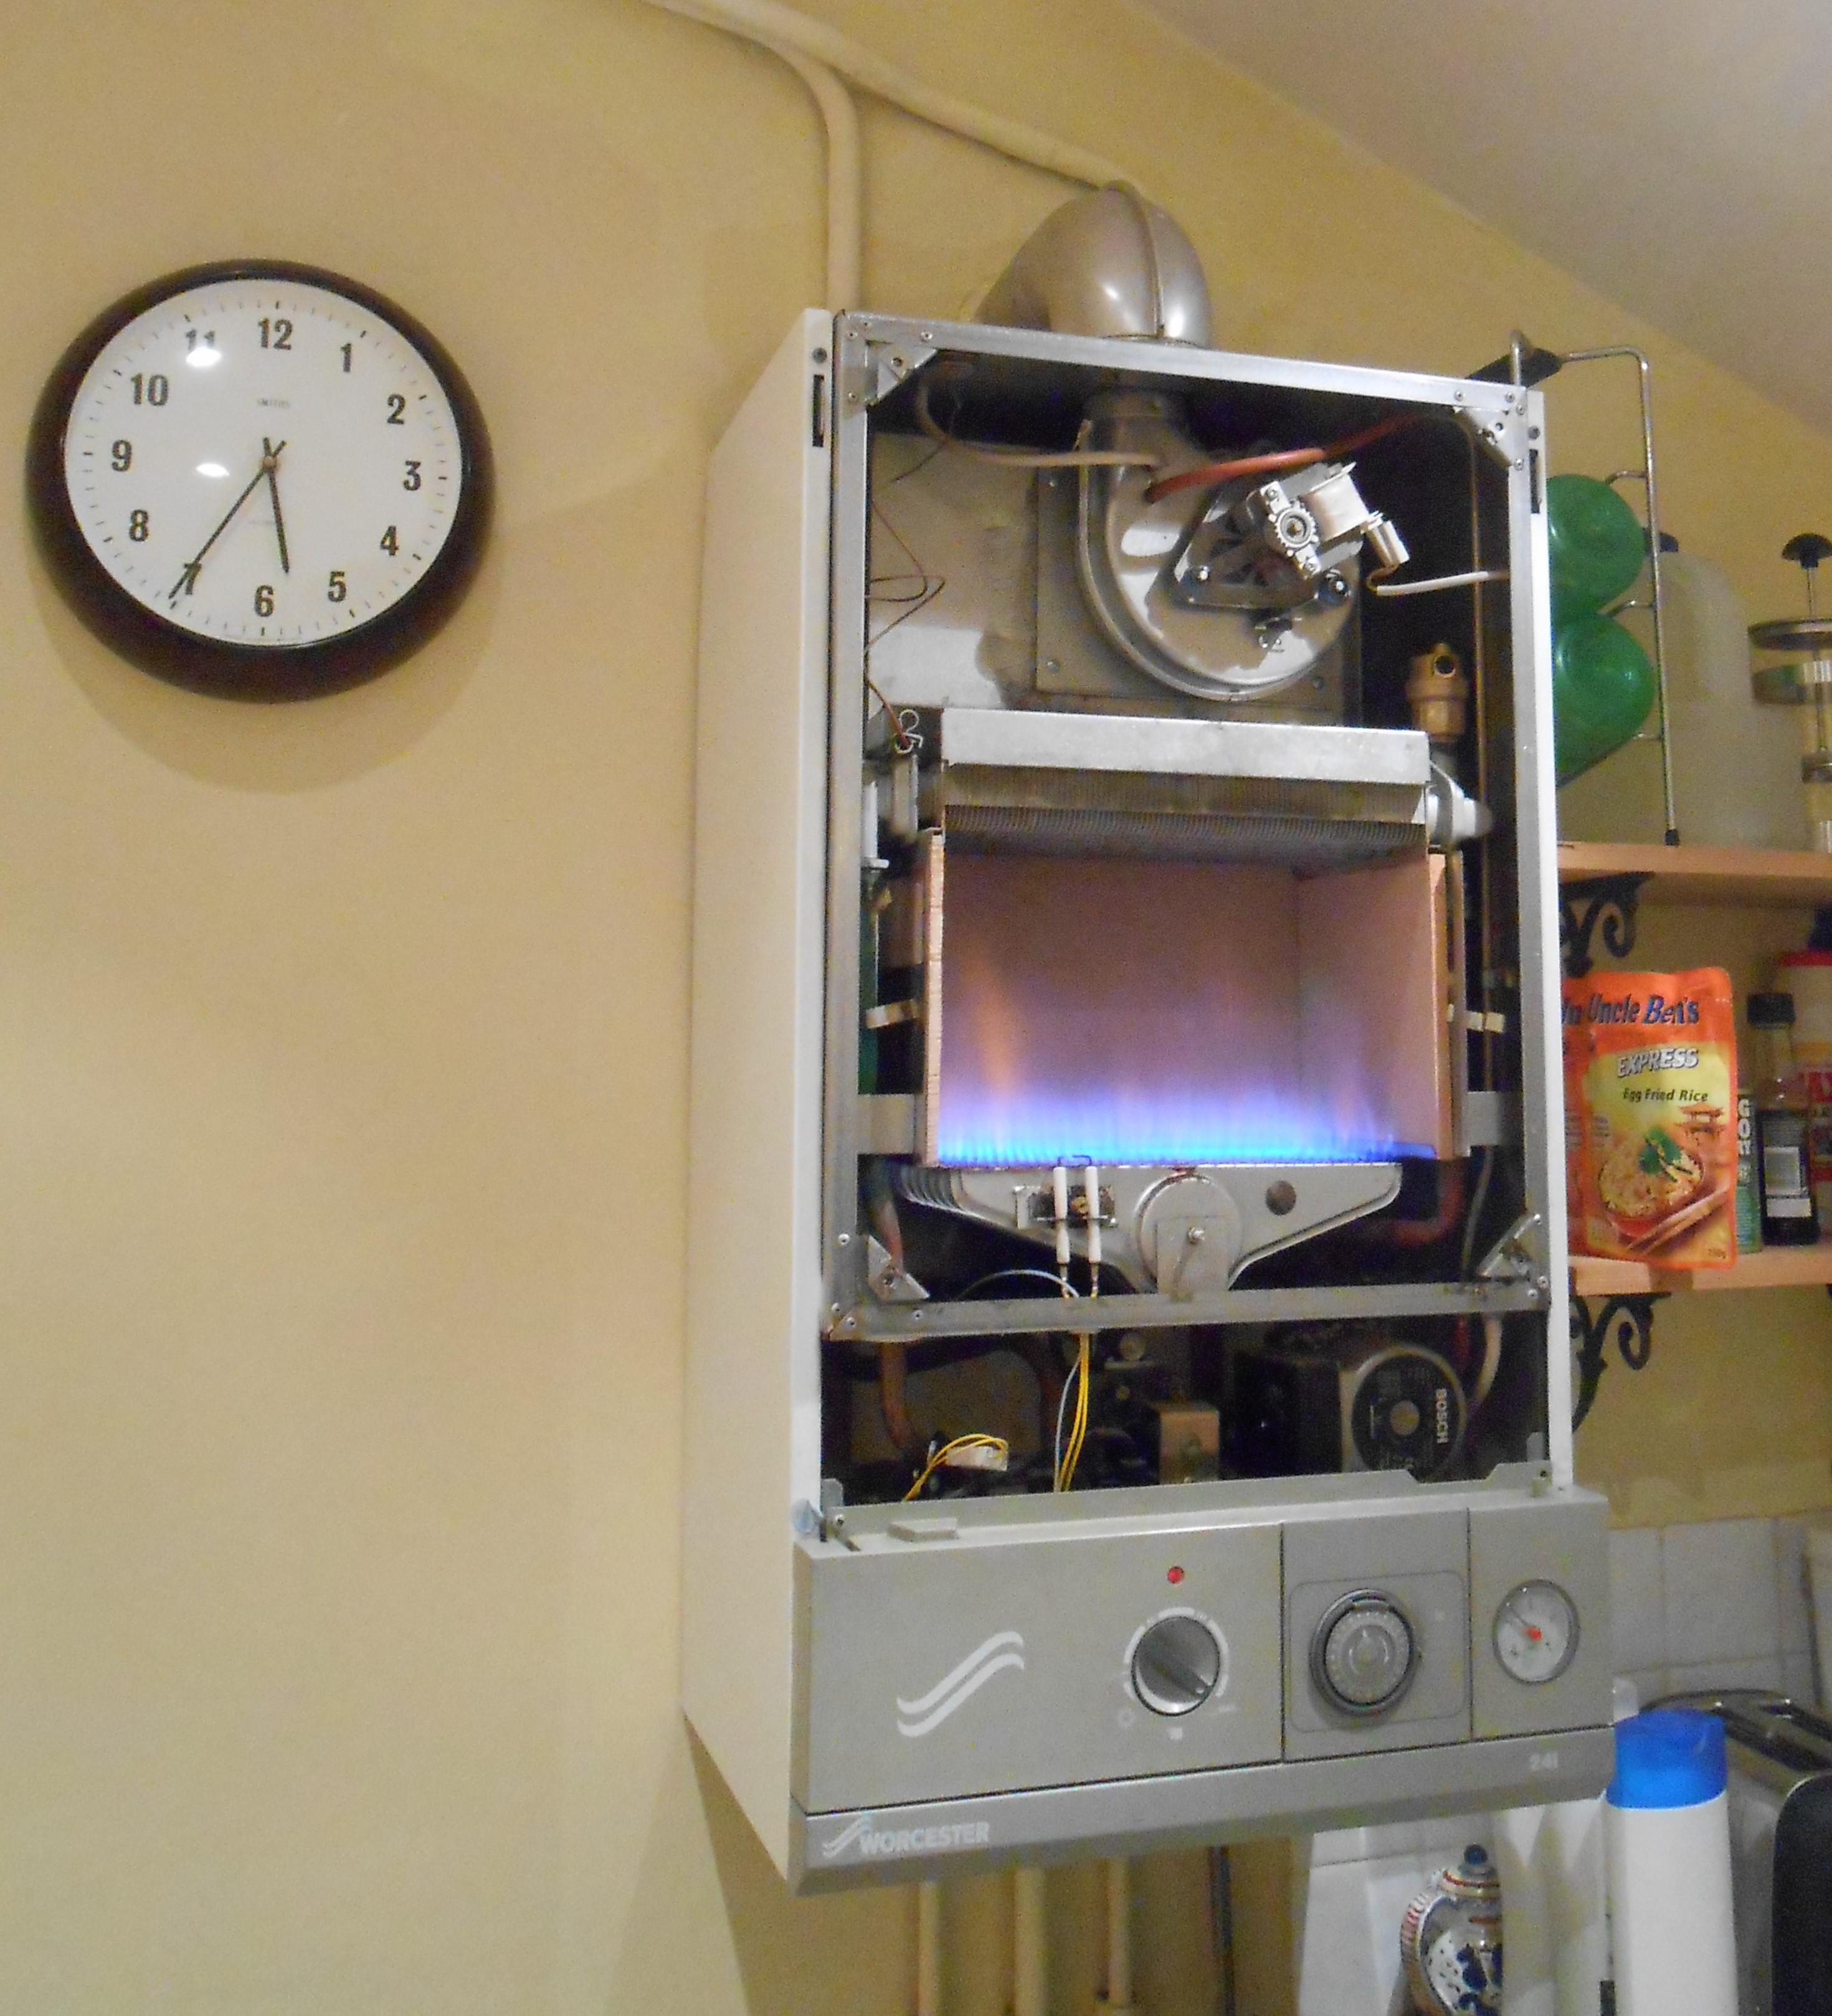 Boiler on full